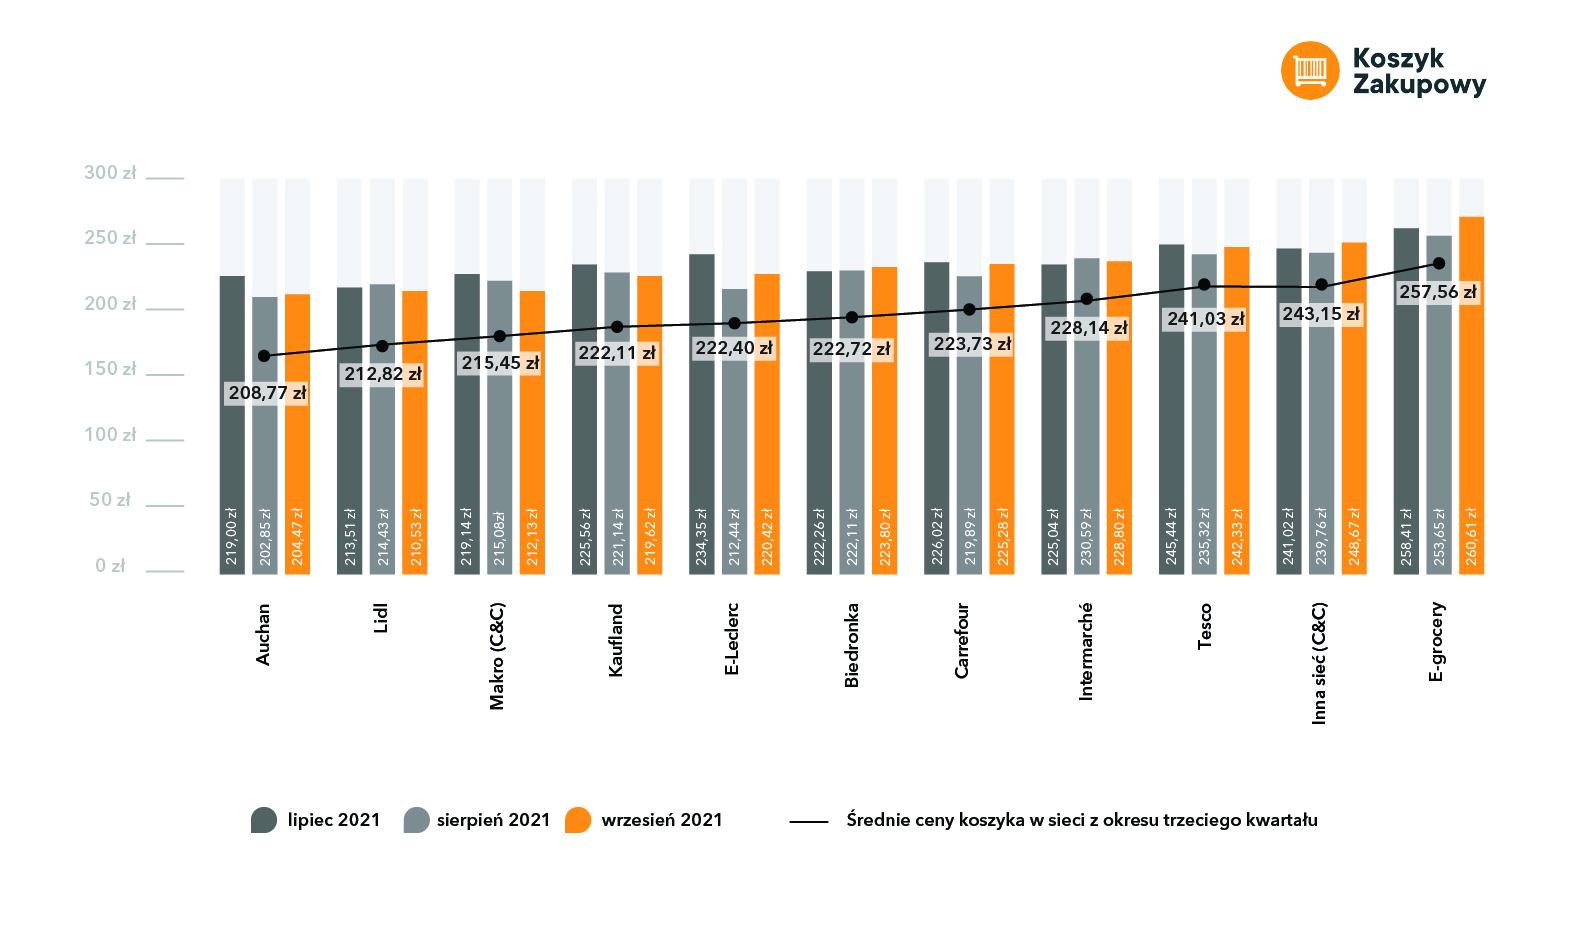 Galopujące ceny w największych sieciach handlowych - infografika, koszyk zakupowy, porównanie cen w sieciach handlowych